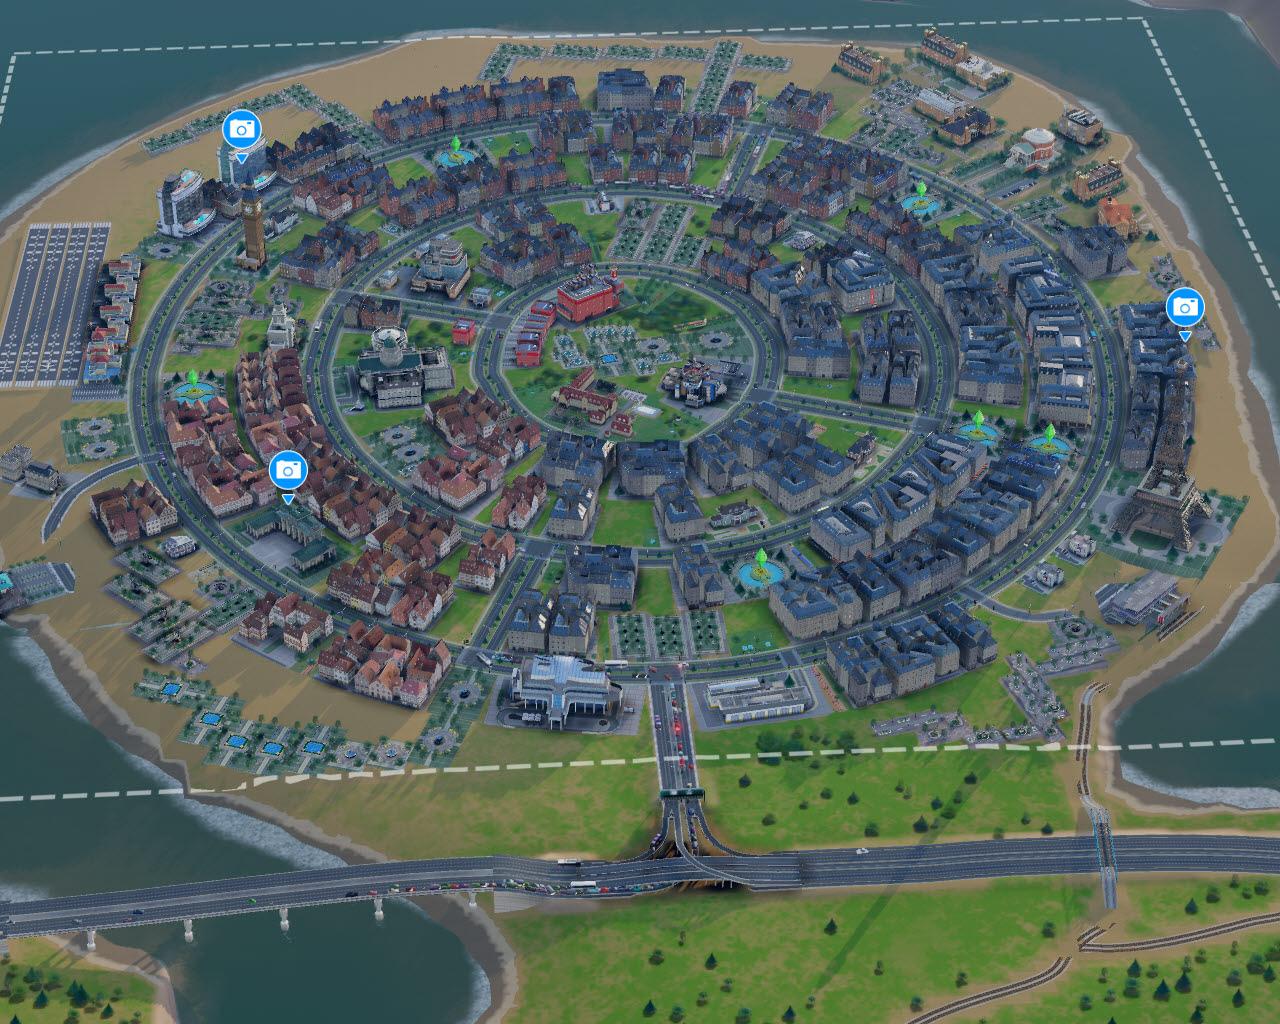 地區 - SimCityシムシティ(2013年版)攻略情報wiki